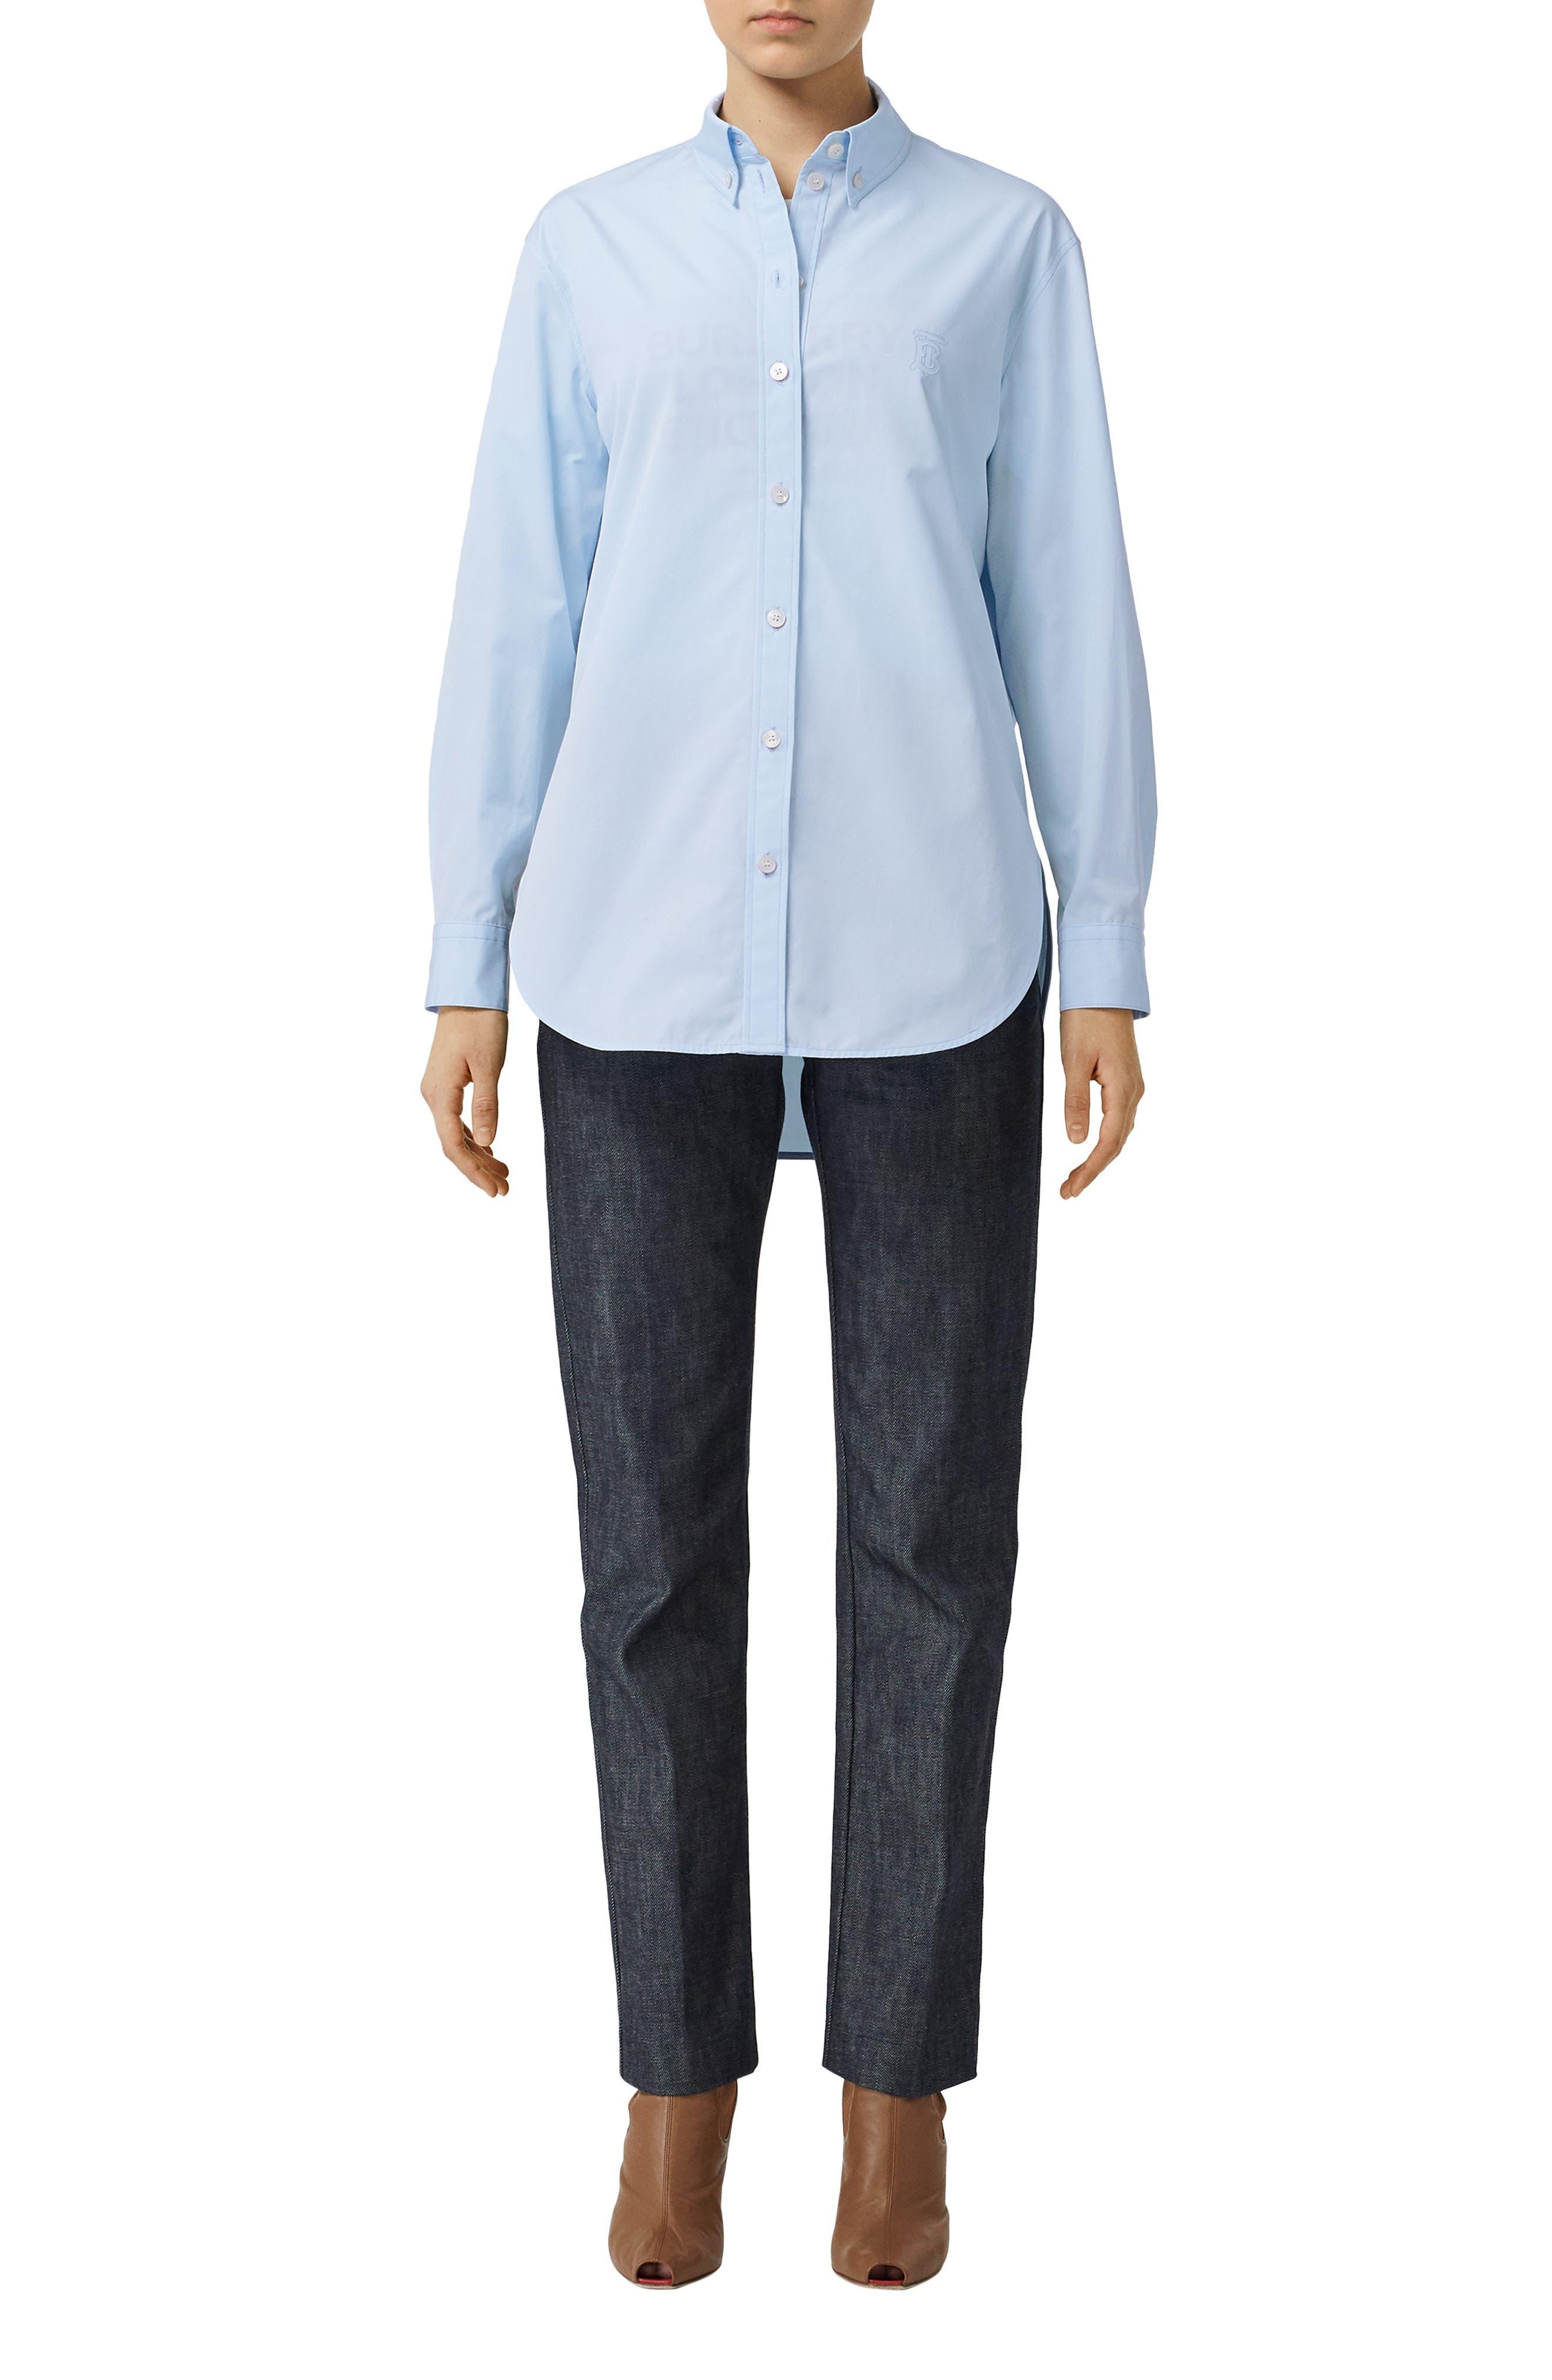 BURBERRY Monogram Regular Fit Cotton Shirt, Main, color, PALE BLUE